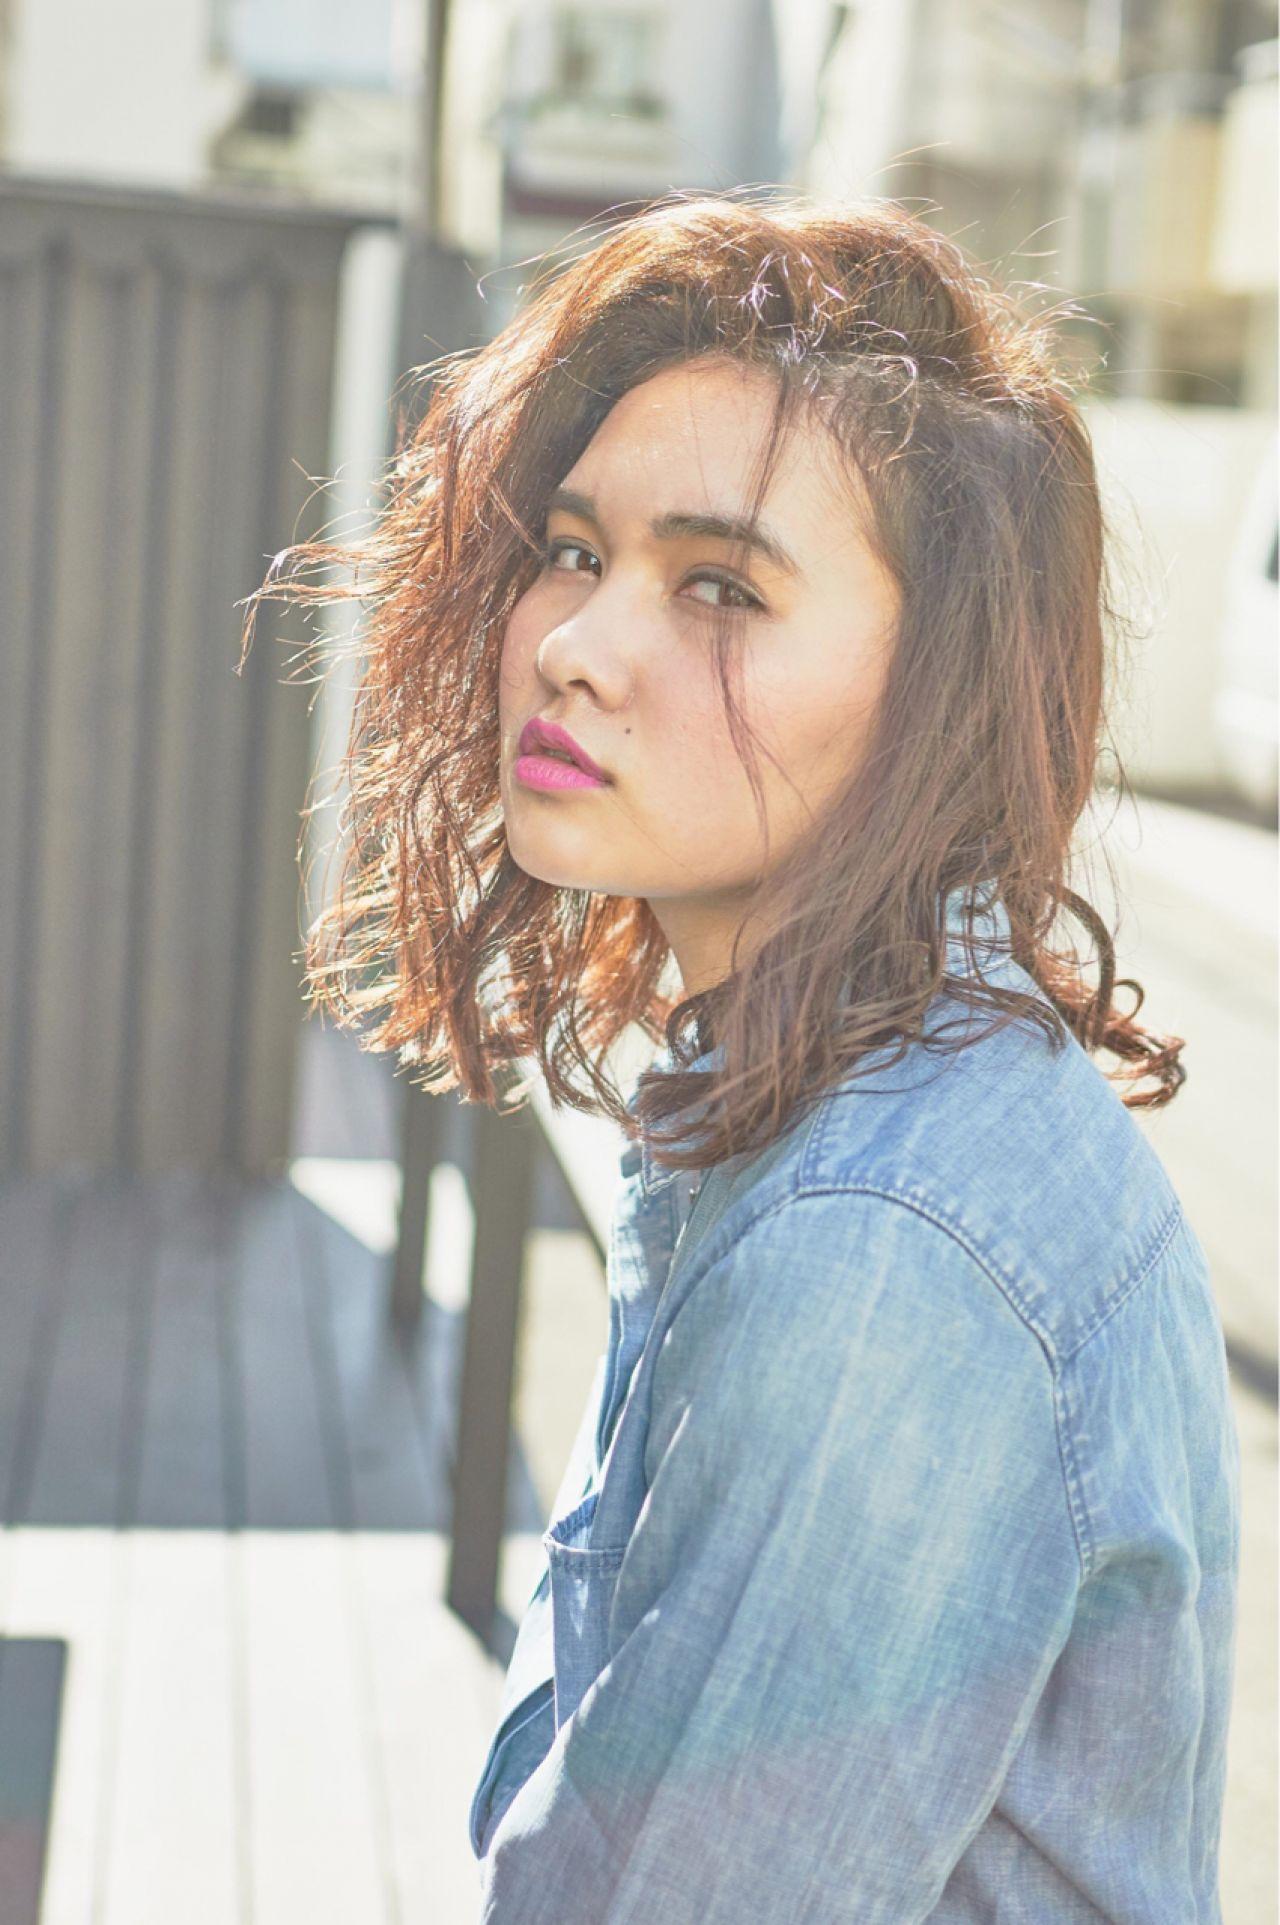 センターパート ストリート 暗髪 ストレート ヘアスタイルや髪型の写真・画像 | 前田伸一 / AKAMEE omotesando